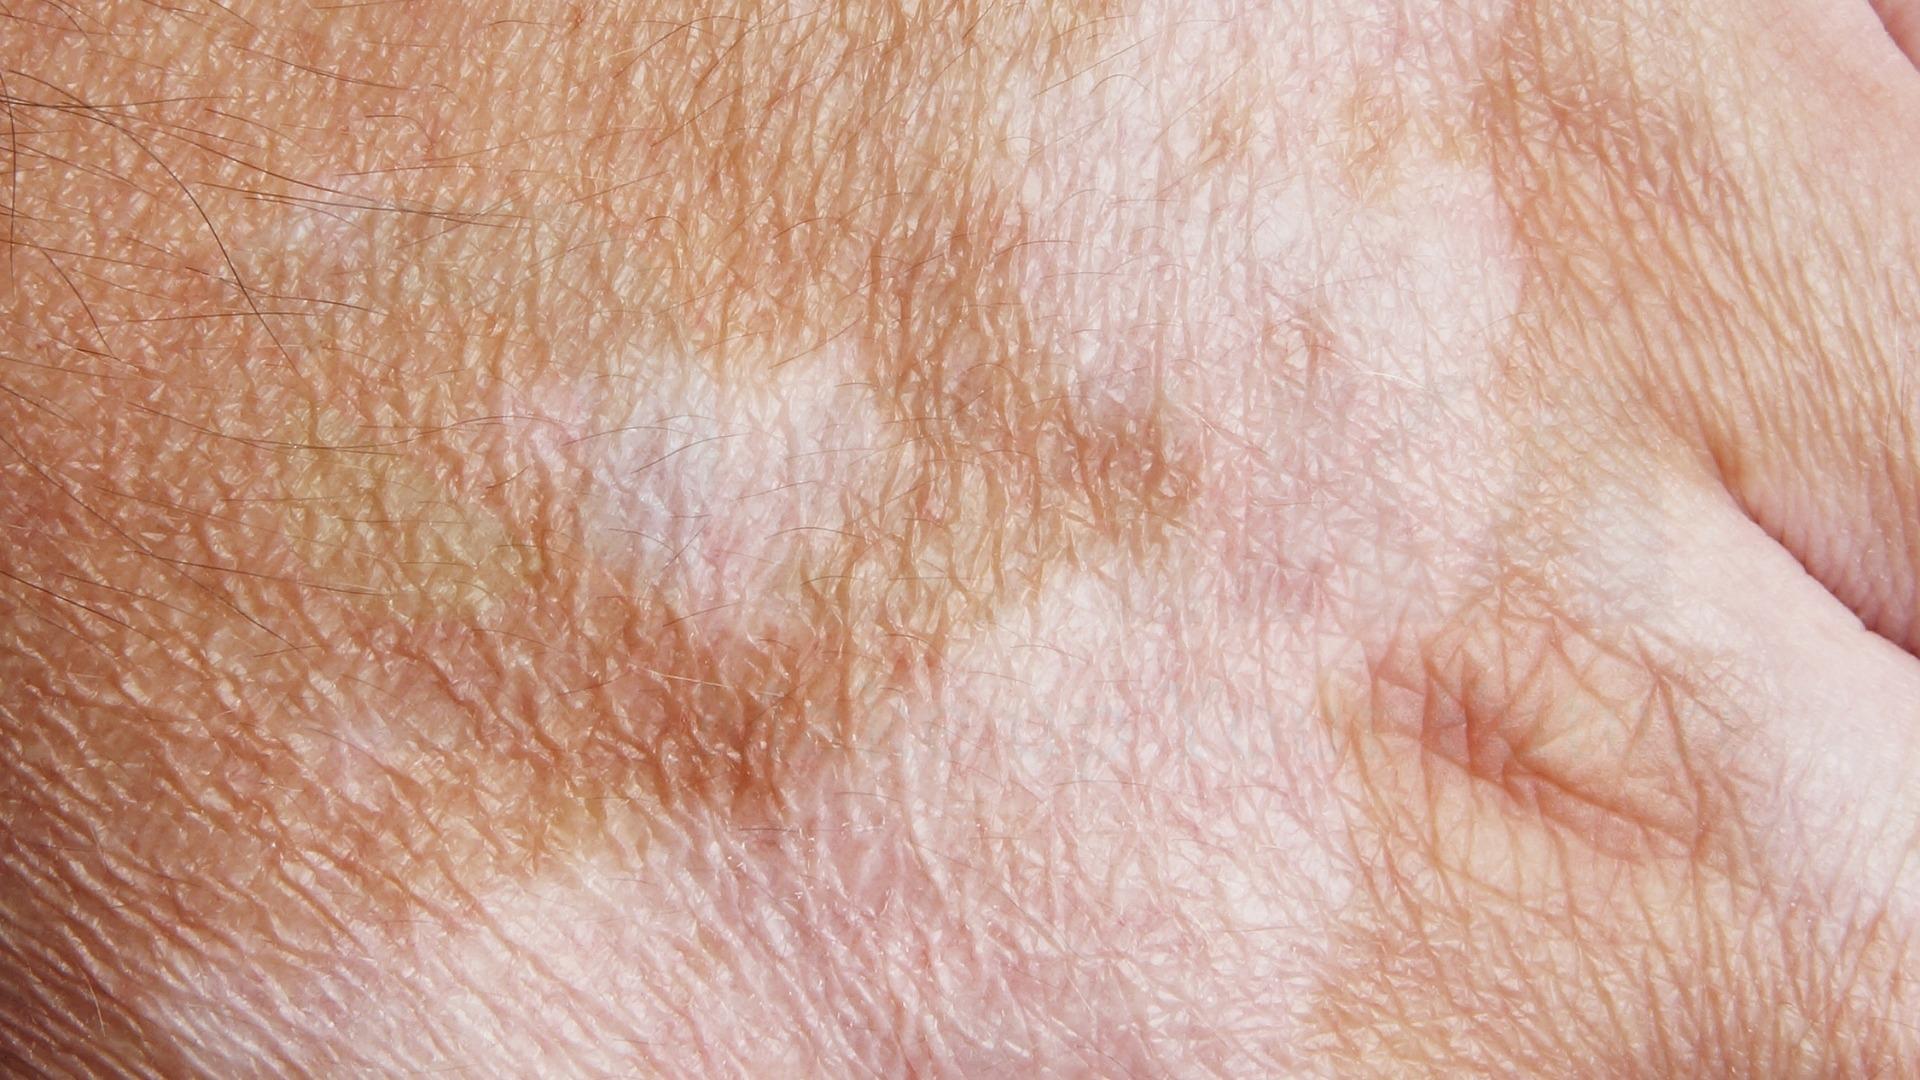 Mắc sắc tố da do rối loạn sắc tố